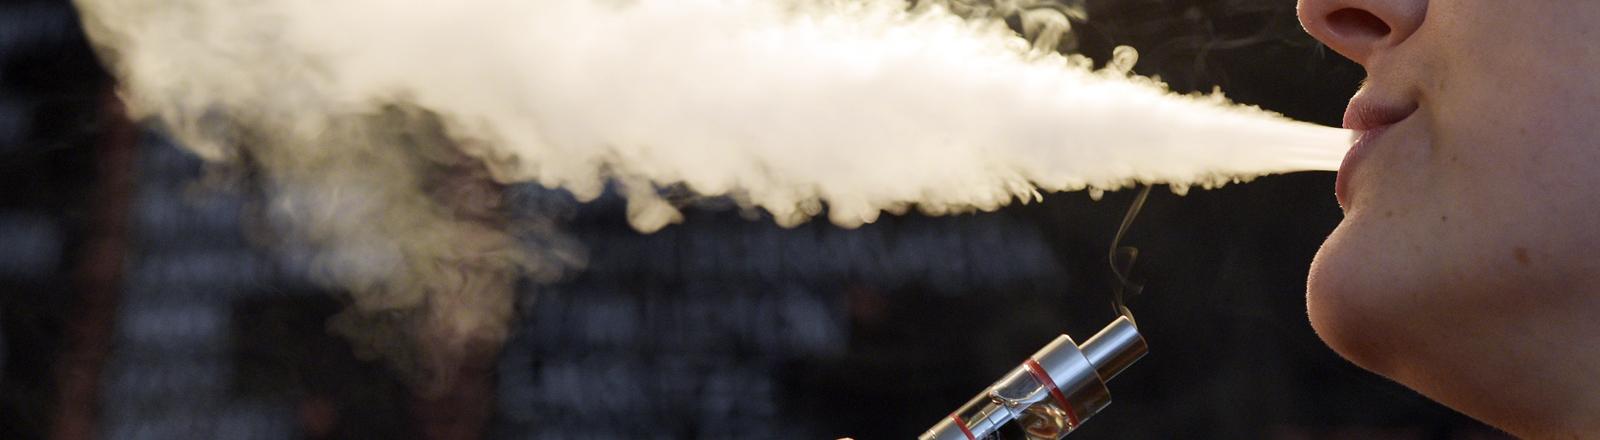 Eine Frau pustet den Rauch einer E-Zigarette aus